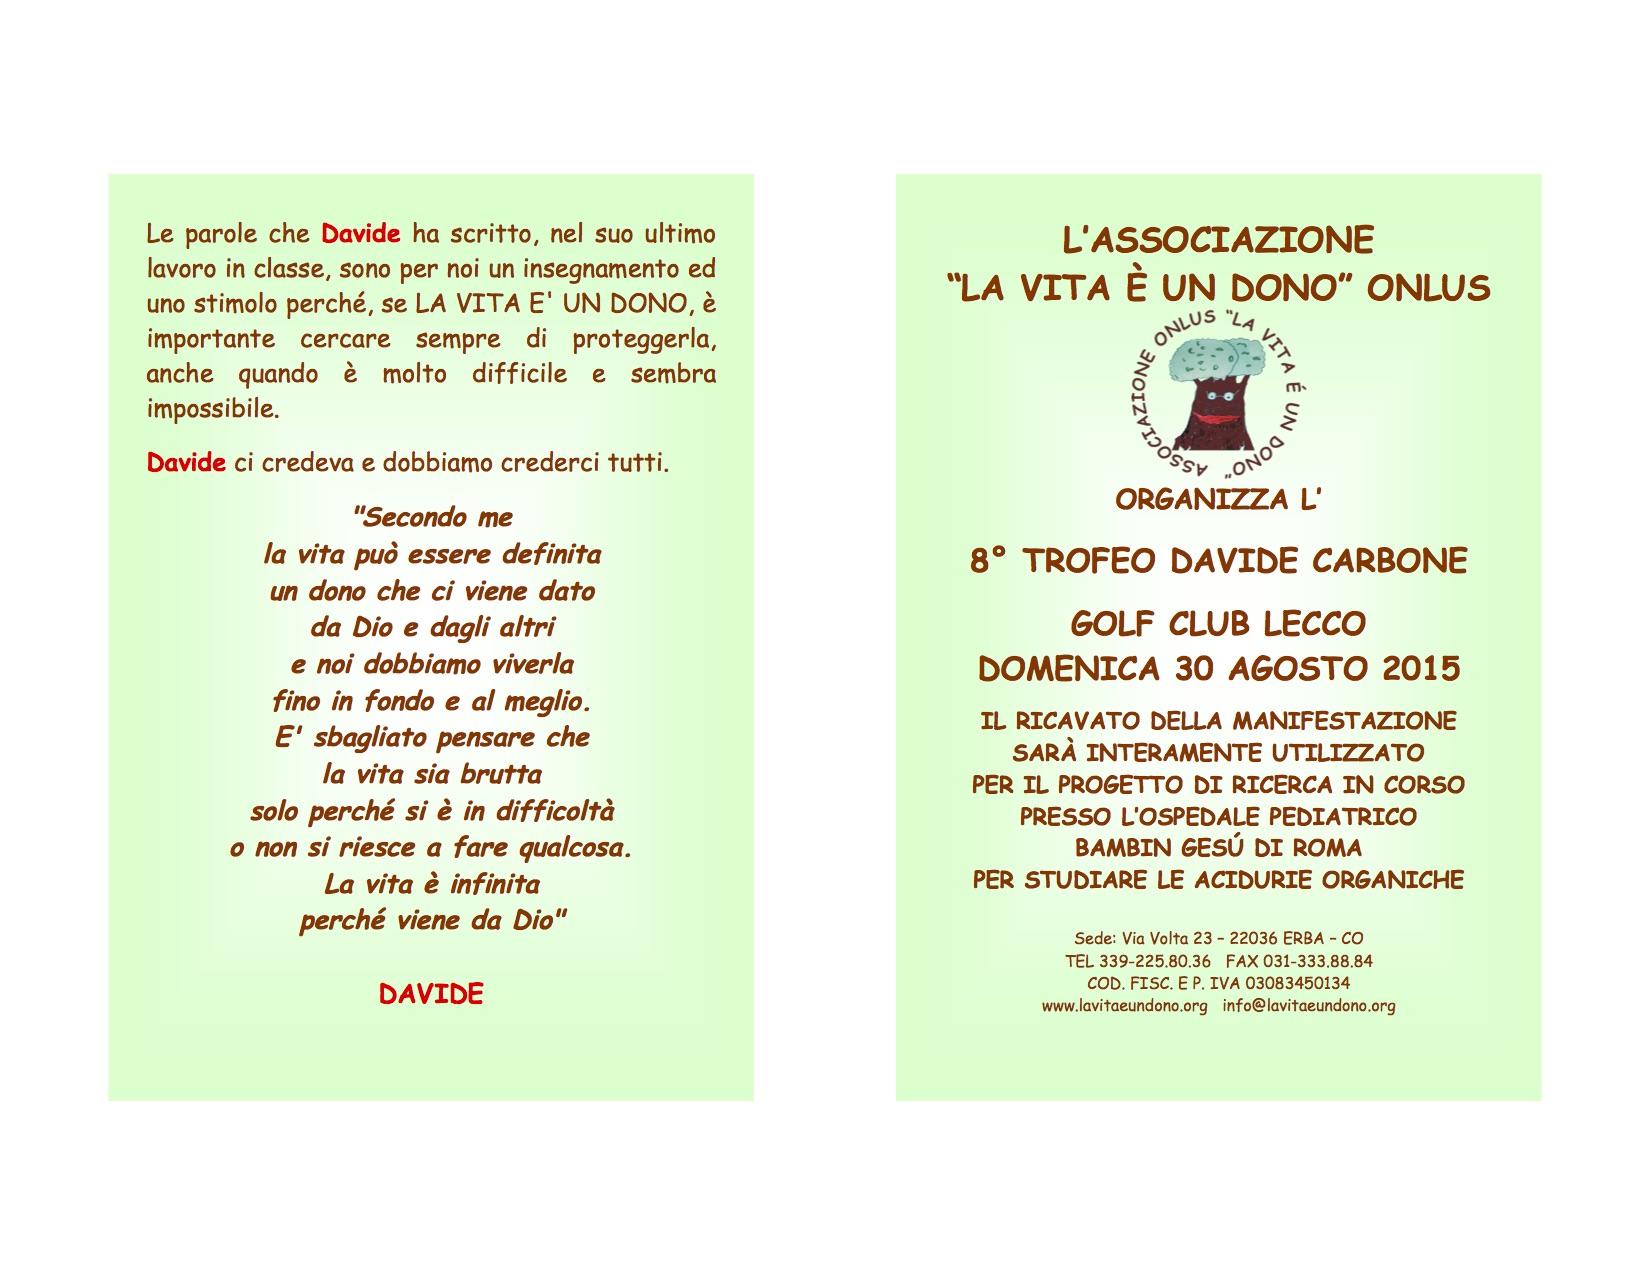 8 Trofeo Davide Carbone Golf Club Lecco Domenica 30 Agosto 2015